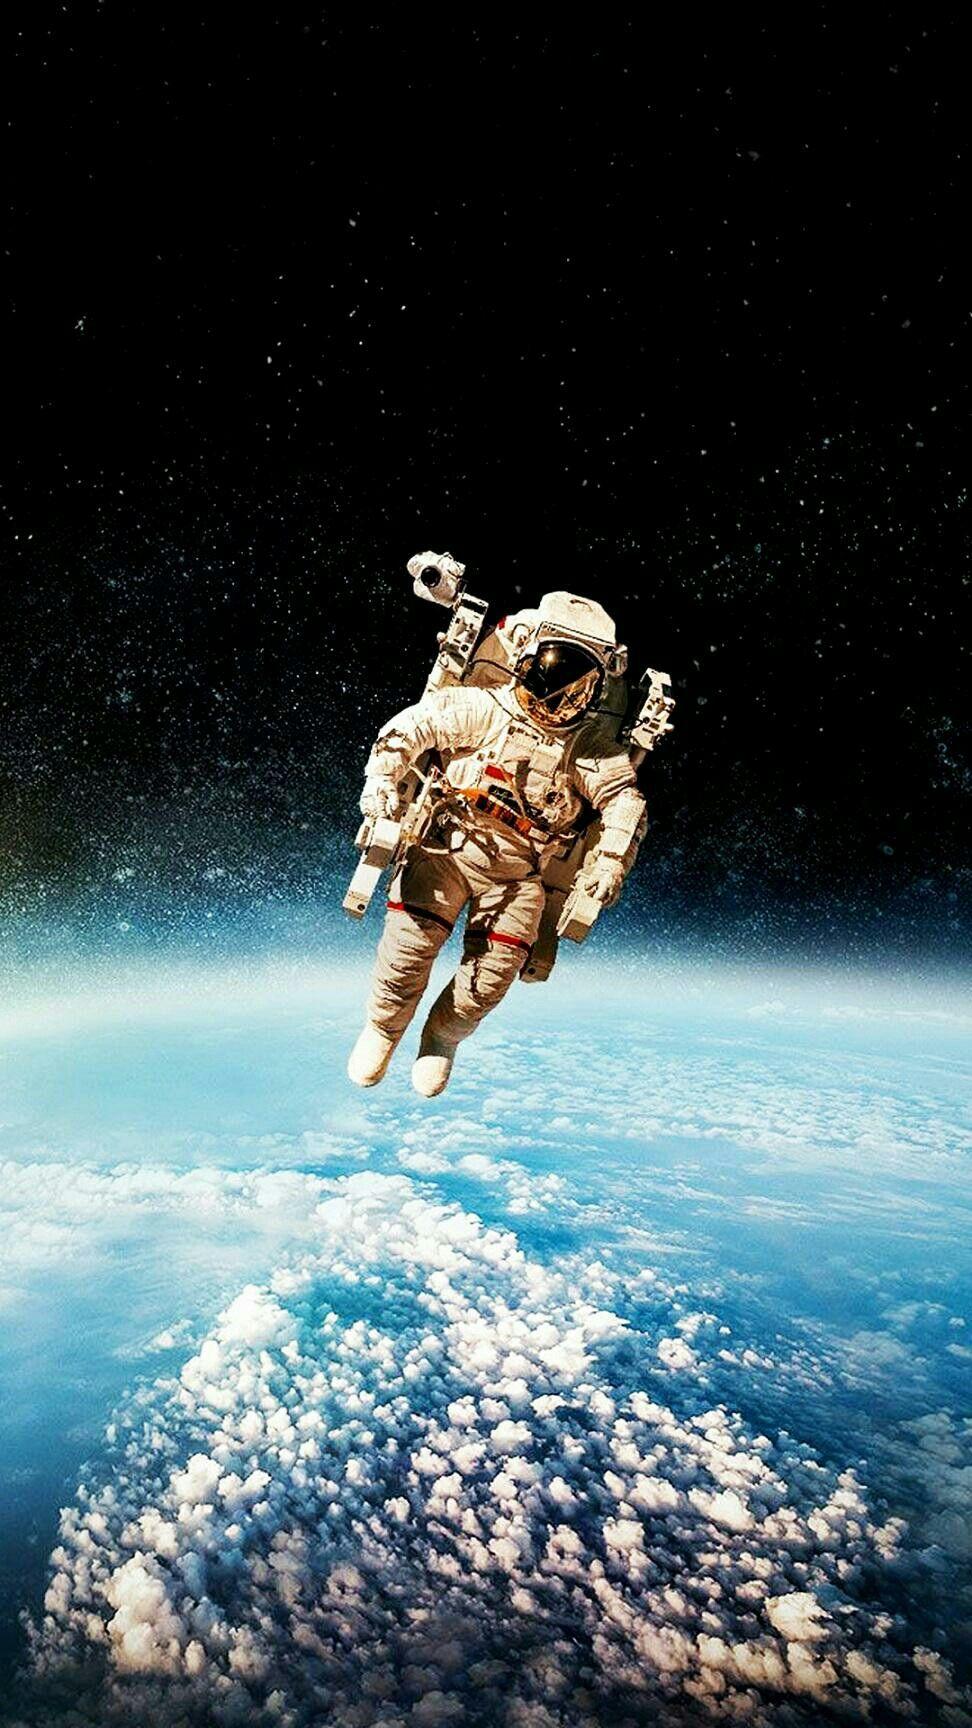 Pin by Eduardo De Ugarte on Solar Outer space Space race Nasa 972x1728